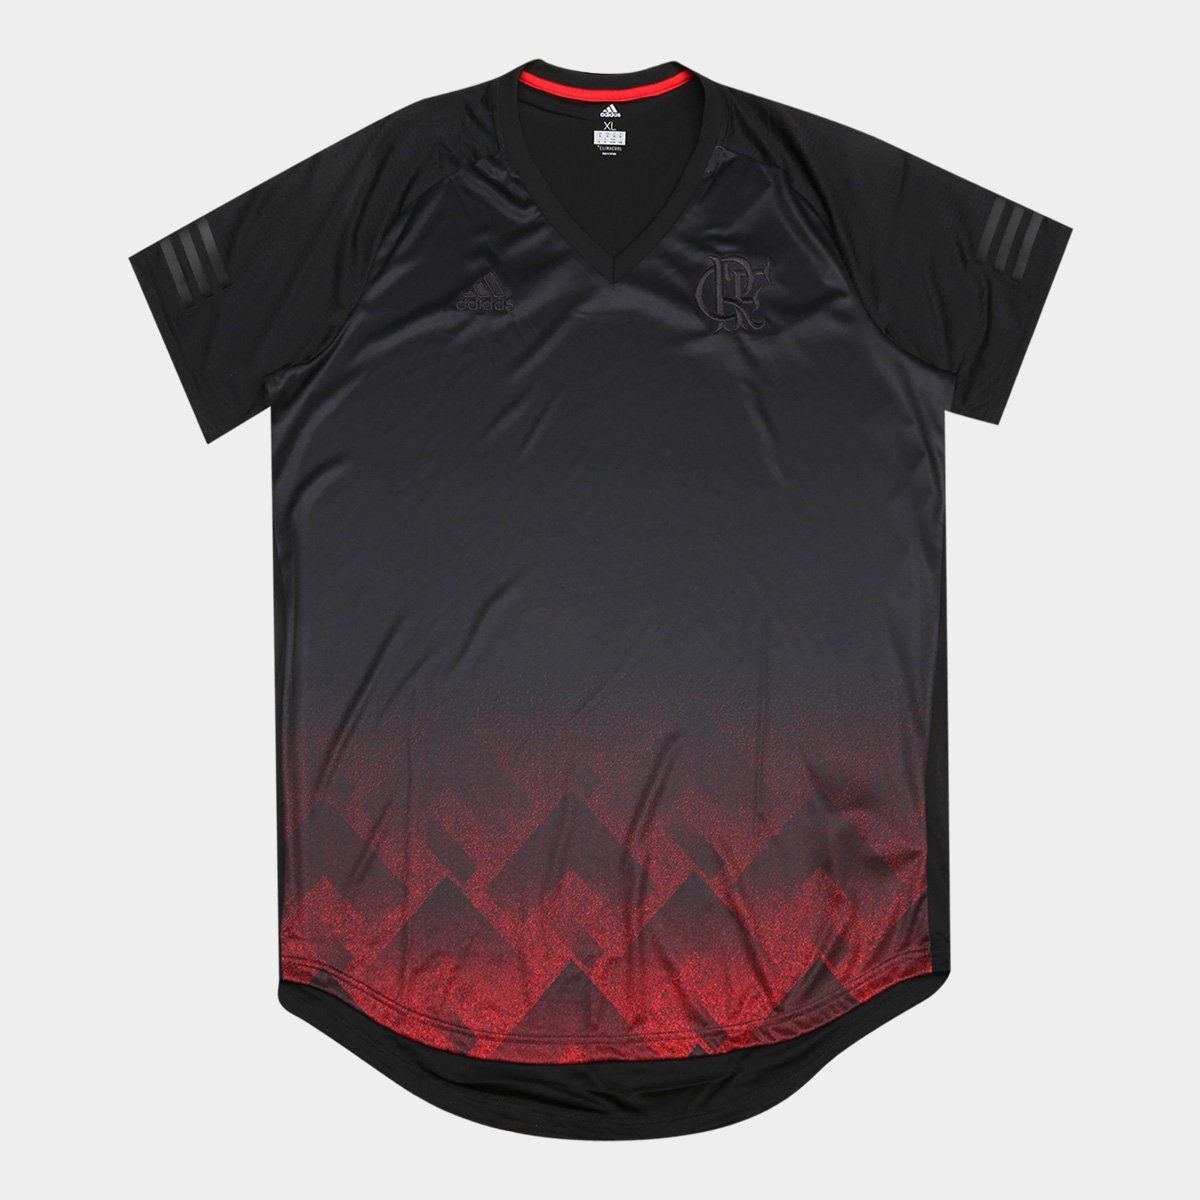 Camiseta Flamengo Adidas Tango Masculina - Compre Agora  1ea221549ccbc